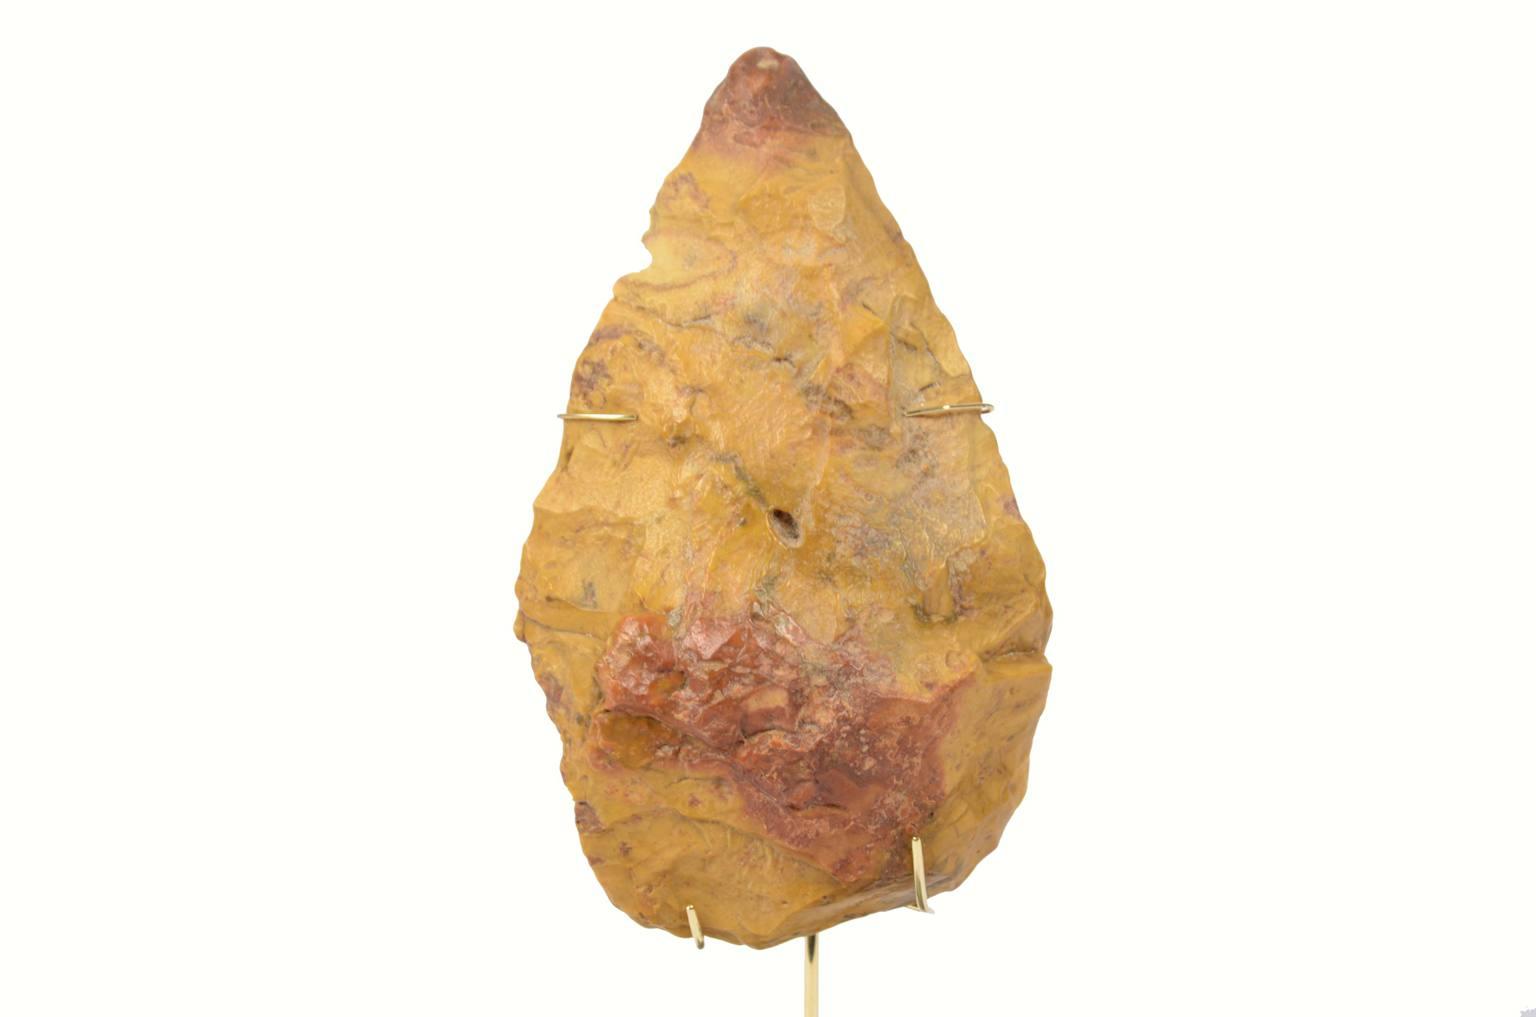 Storia naturale/5910A-Amigdala antica